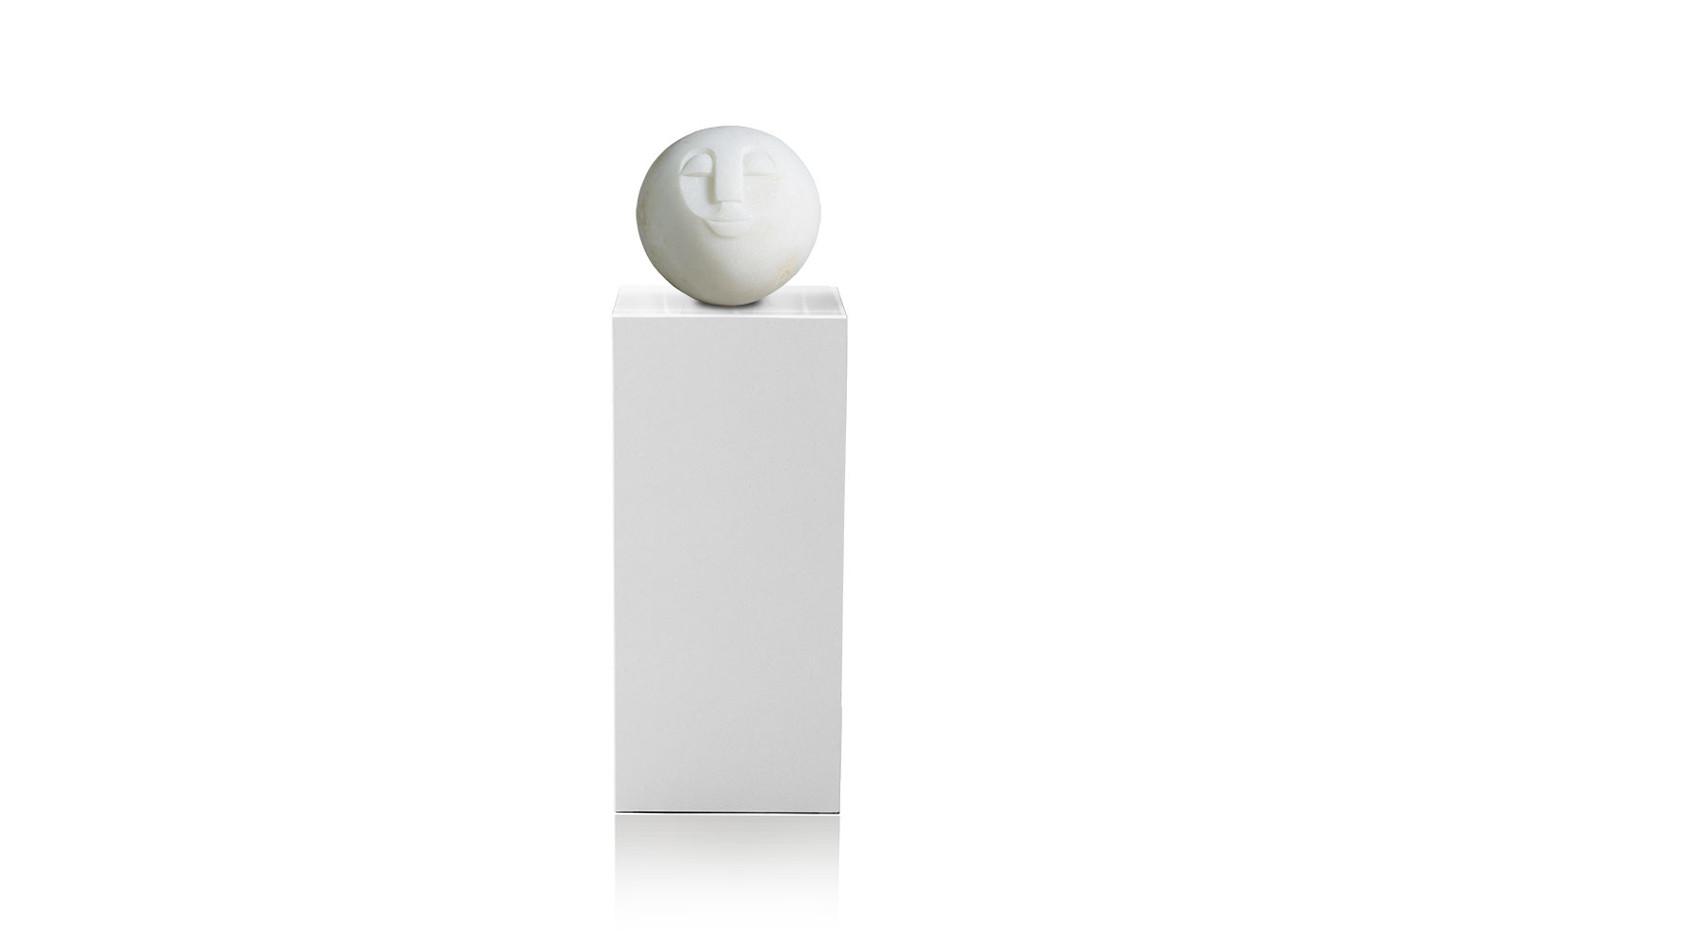 """Shona Art Stein Garten Skulptur """"Ball Head"""" handgefertigt aus weißem Dolomite Stein. Unikat."""